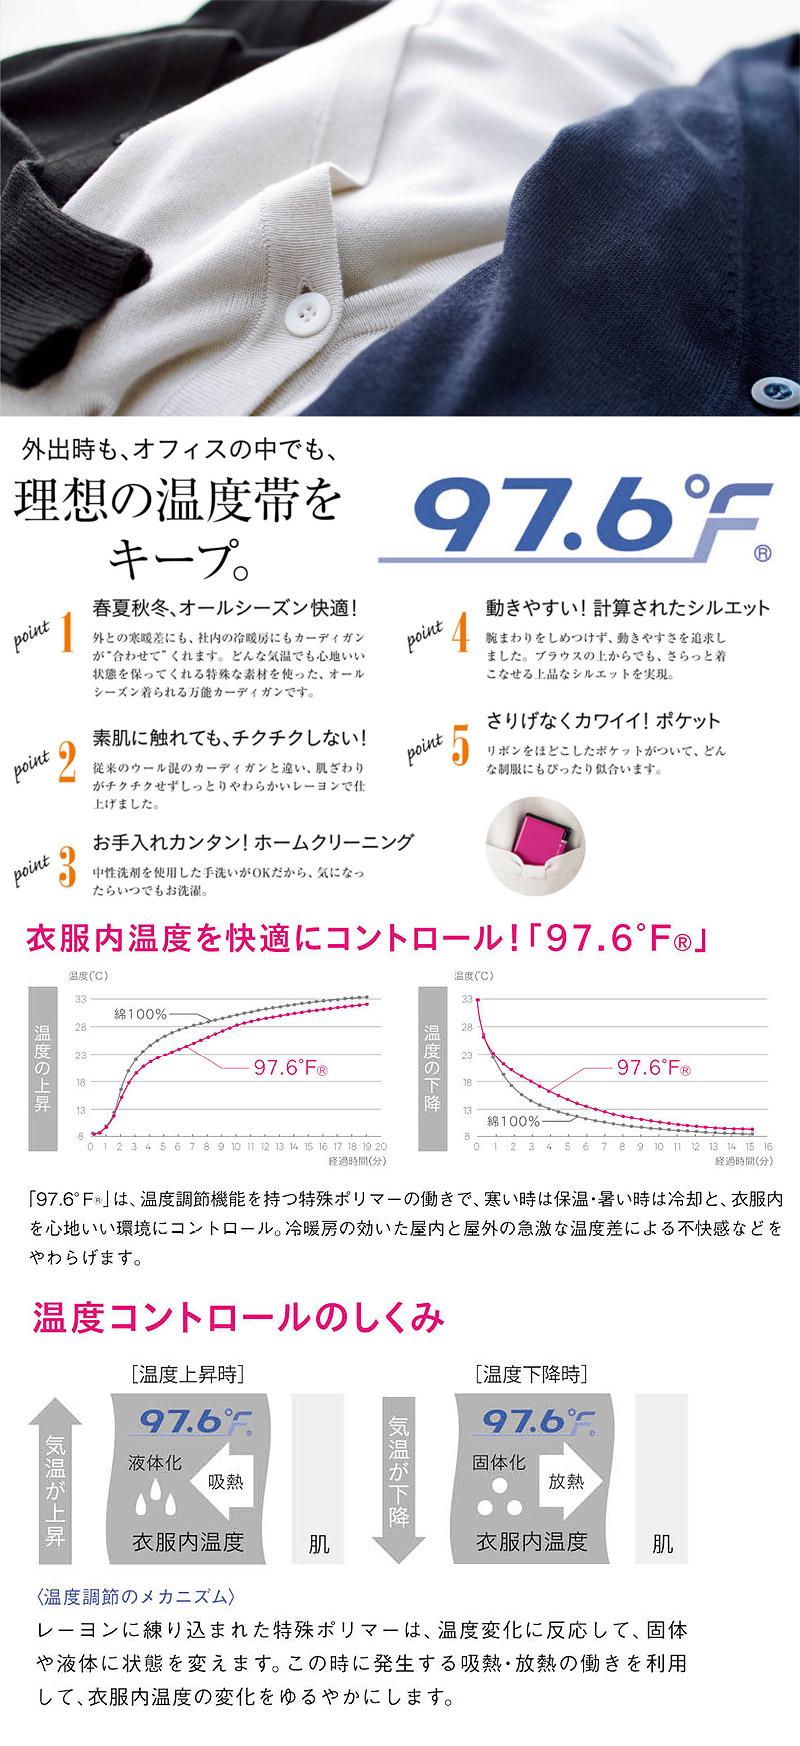 【期間限定SALE】体感マジックカーディガン(温度調節・ホームクリーニング)